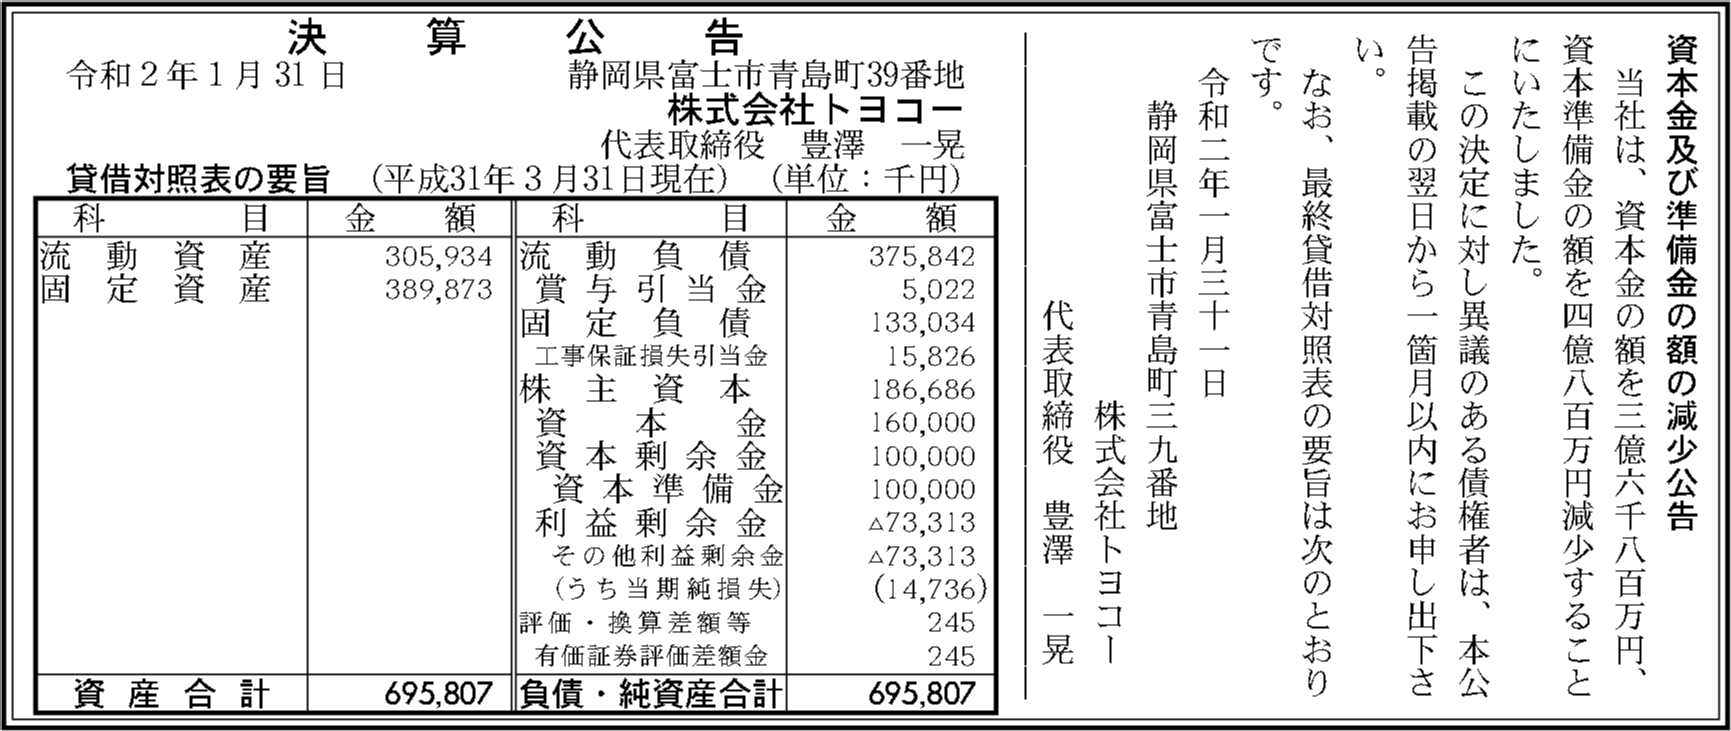 0122 2a4750250ee8c625c04b17b1630cf046b75c3763c436054ca8014761bb41db2d1b89c8a34f5cd58a3d44c1d999f709f39a3e79dc26c315001c6794ea3e773267 06